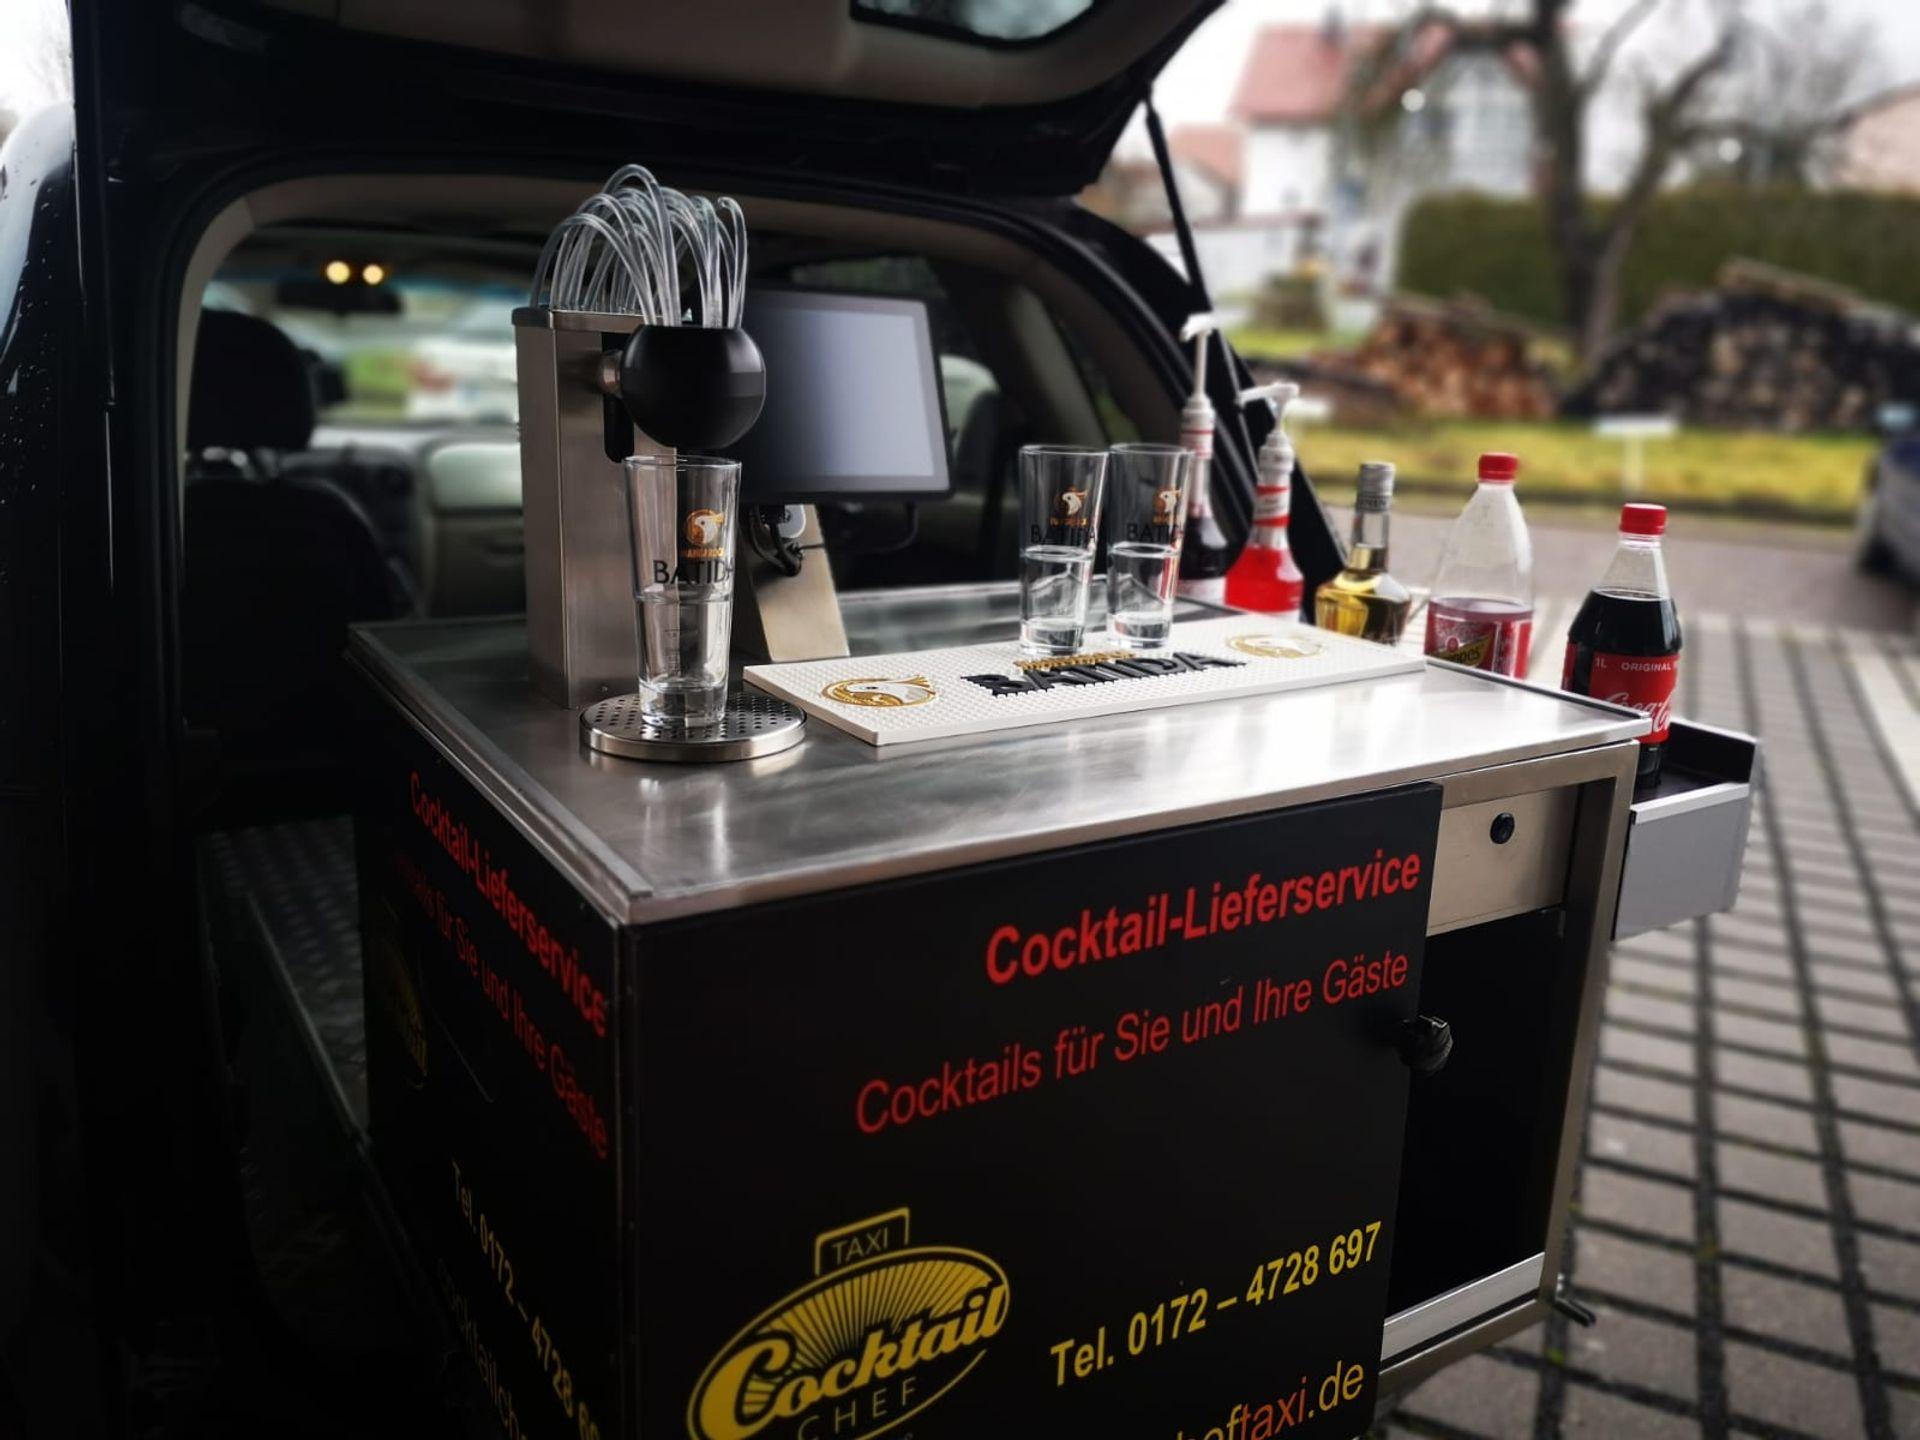 Das erste Cocktailchef-Taxi haben wir am 23.12.2020 ausgeliefert!